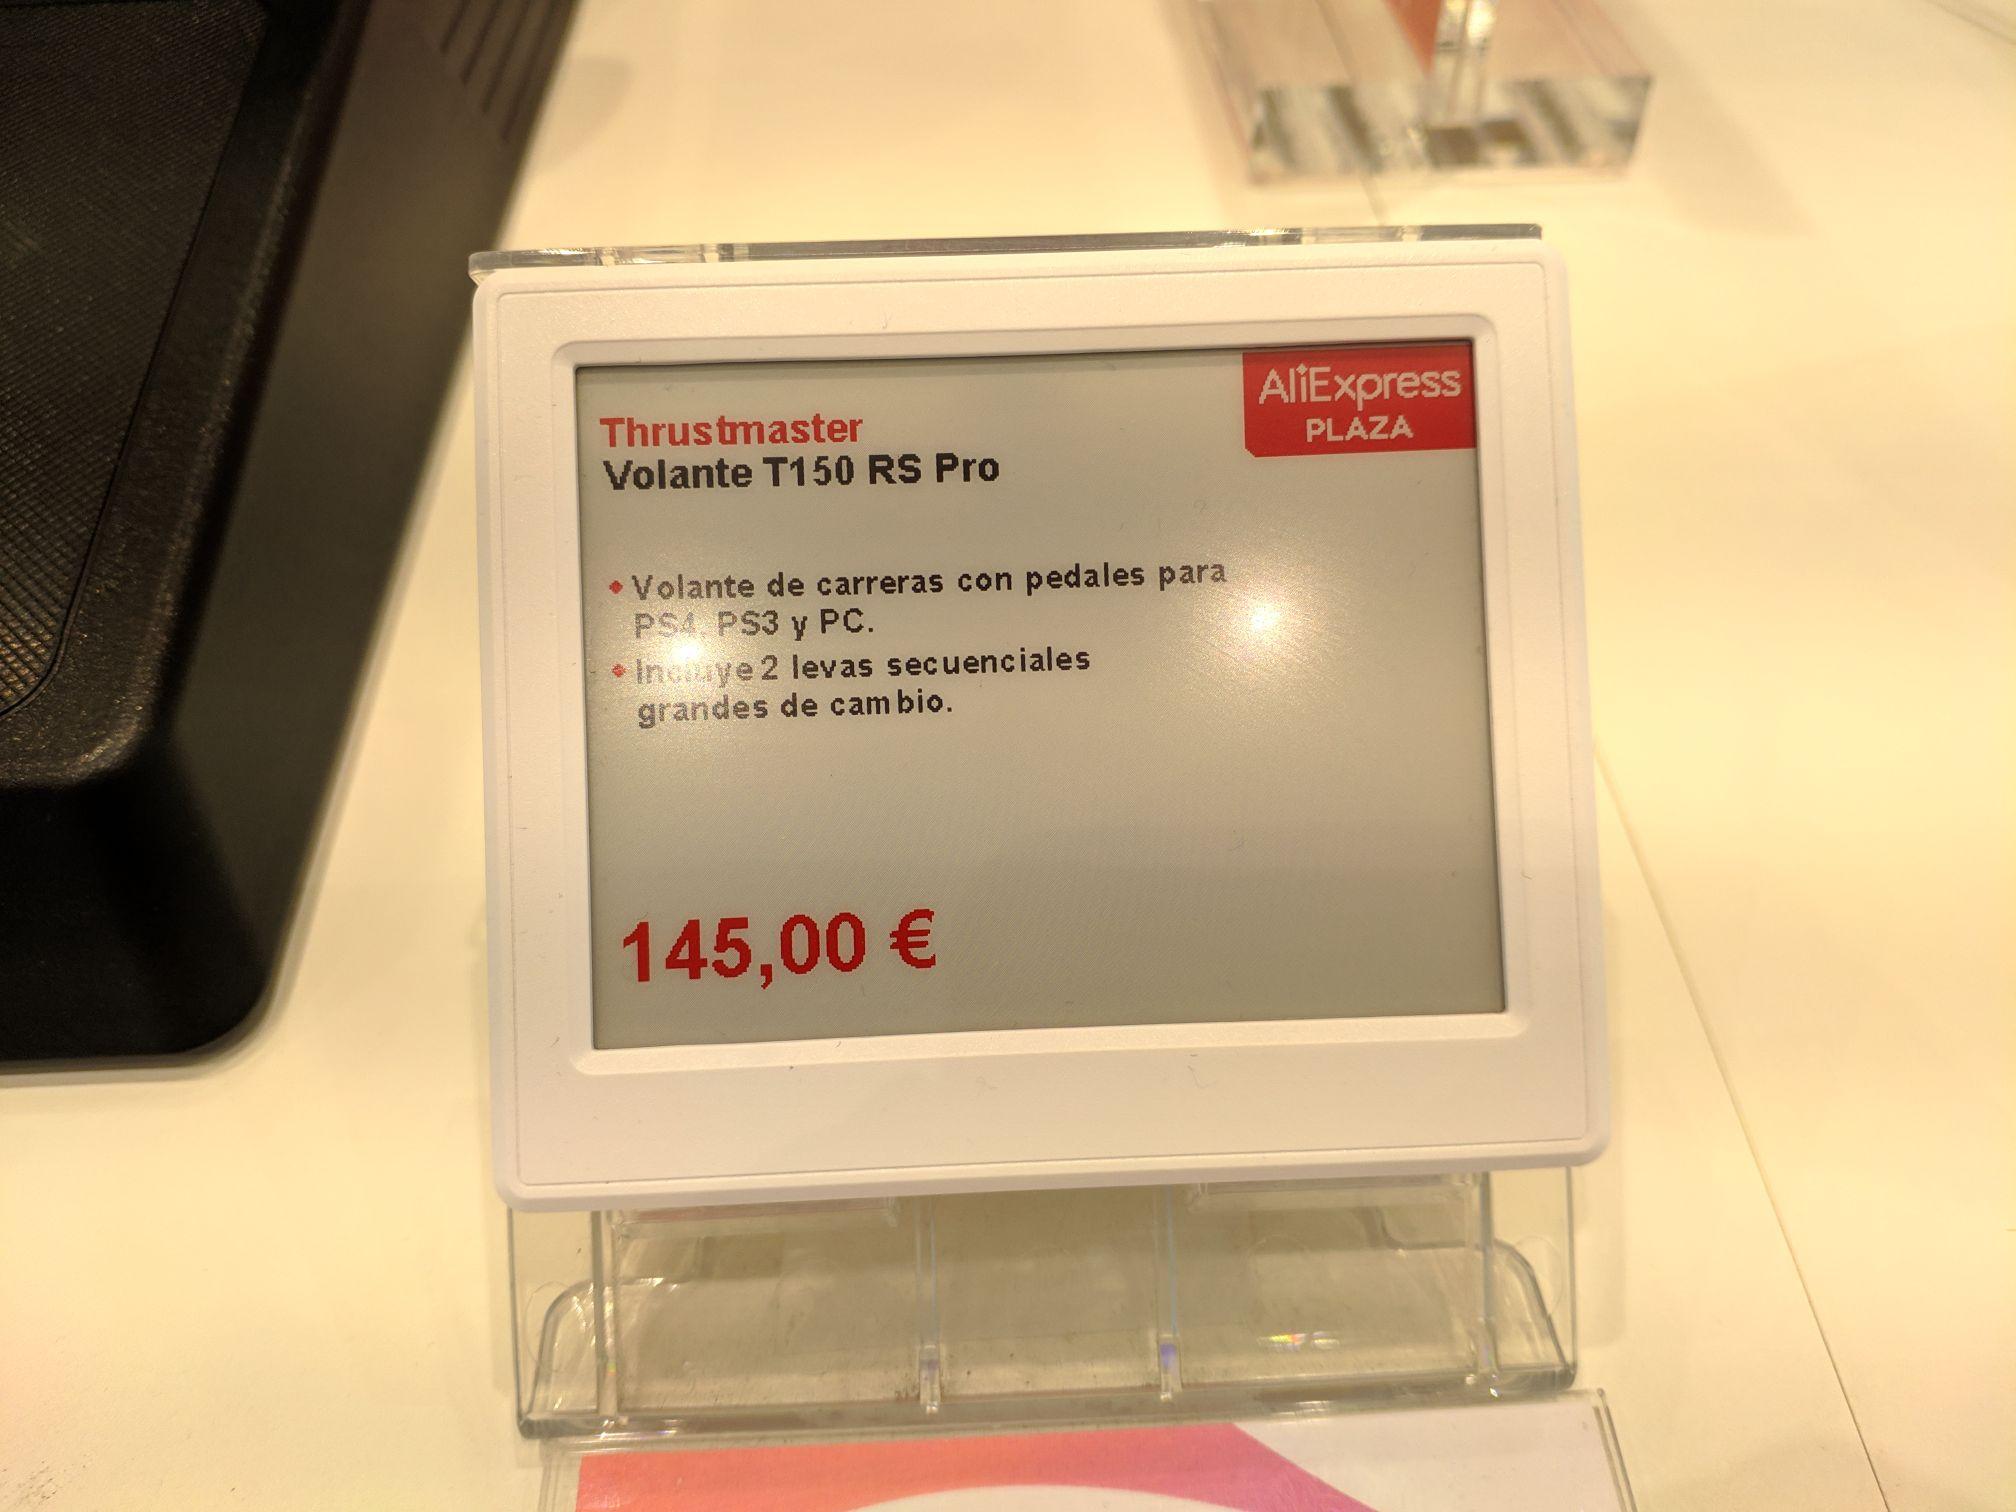 Thustmaster T150 RS PRO en Aliexpress Plaza CC Finestrelles (Esplugues de Llobregat)